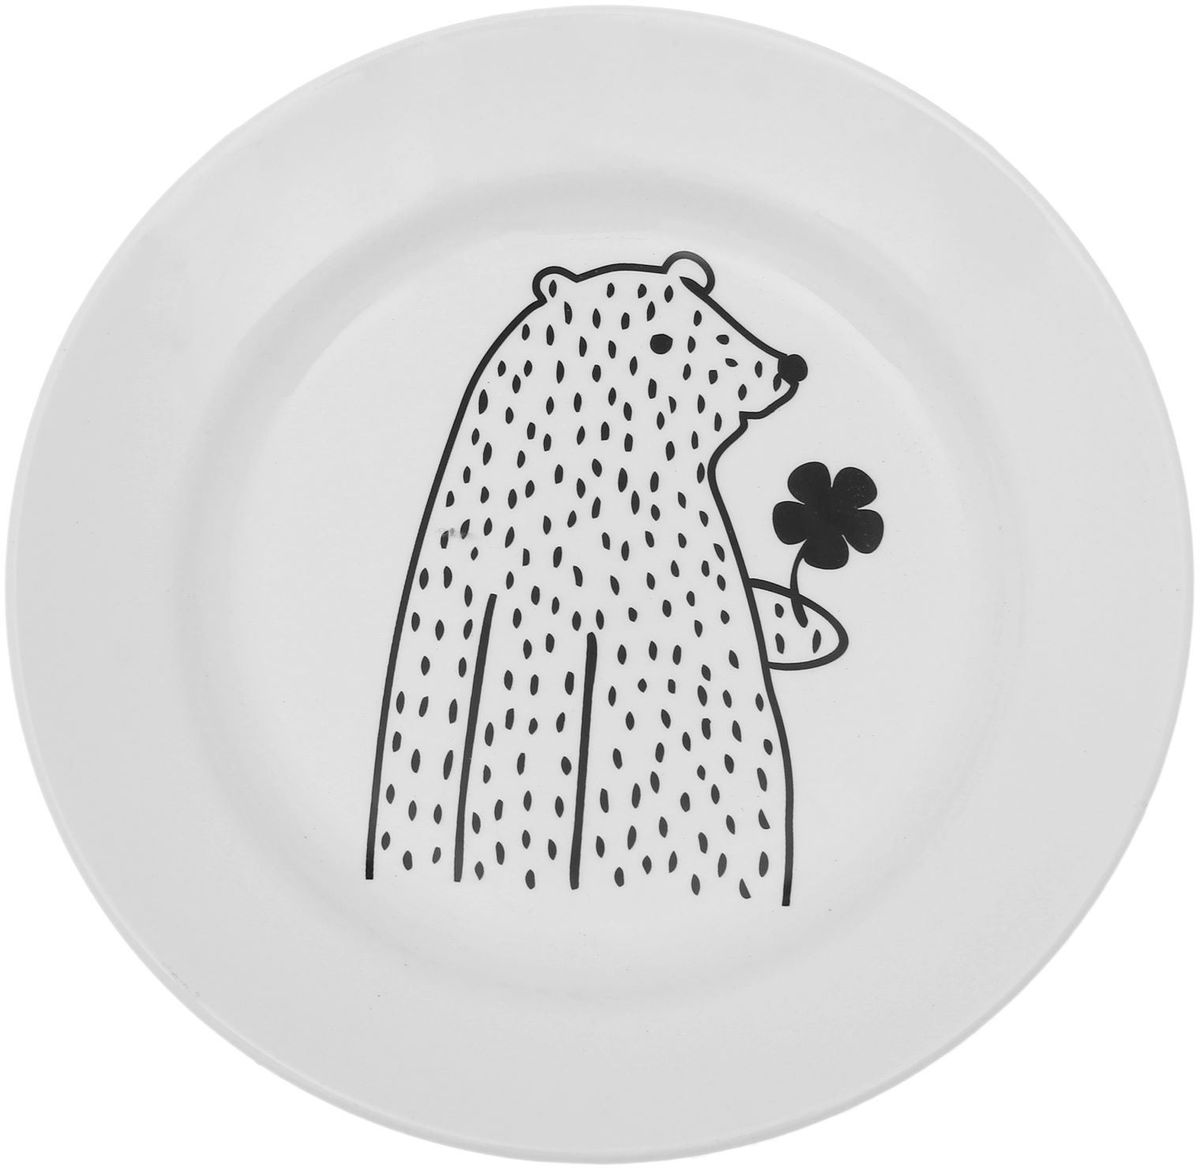 Тарелка мелкая Сотвори чудо Цветочный мишка, диаметр 20 см тарелка мелкая сотвори чудо полярный мишка диаметр 20 см